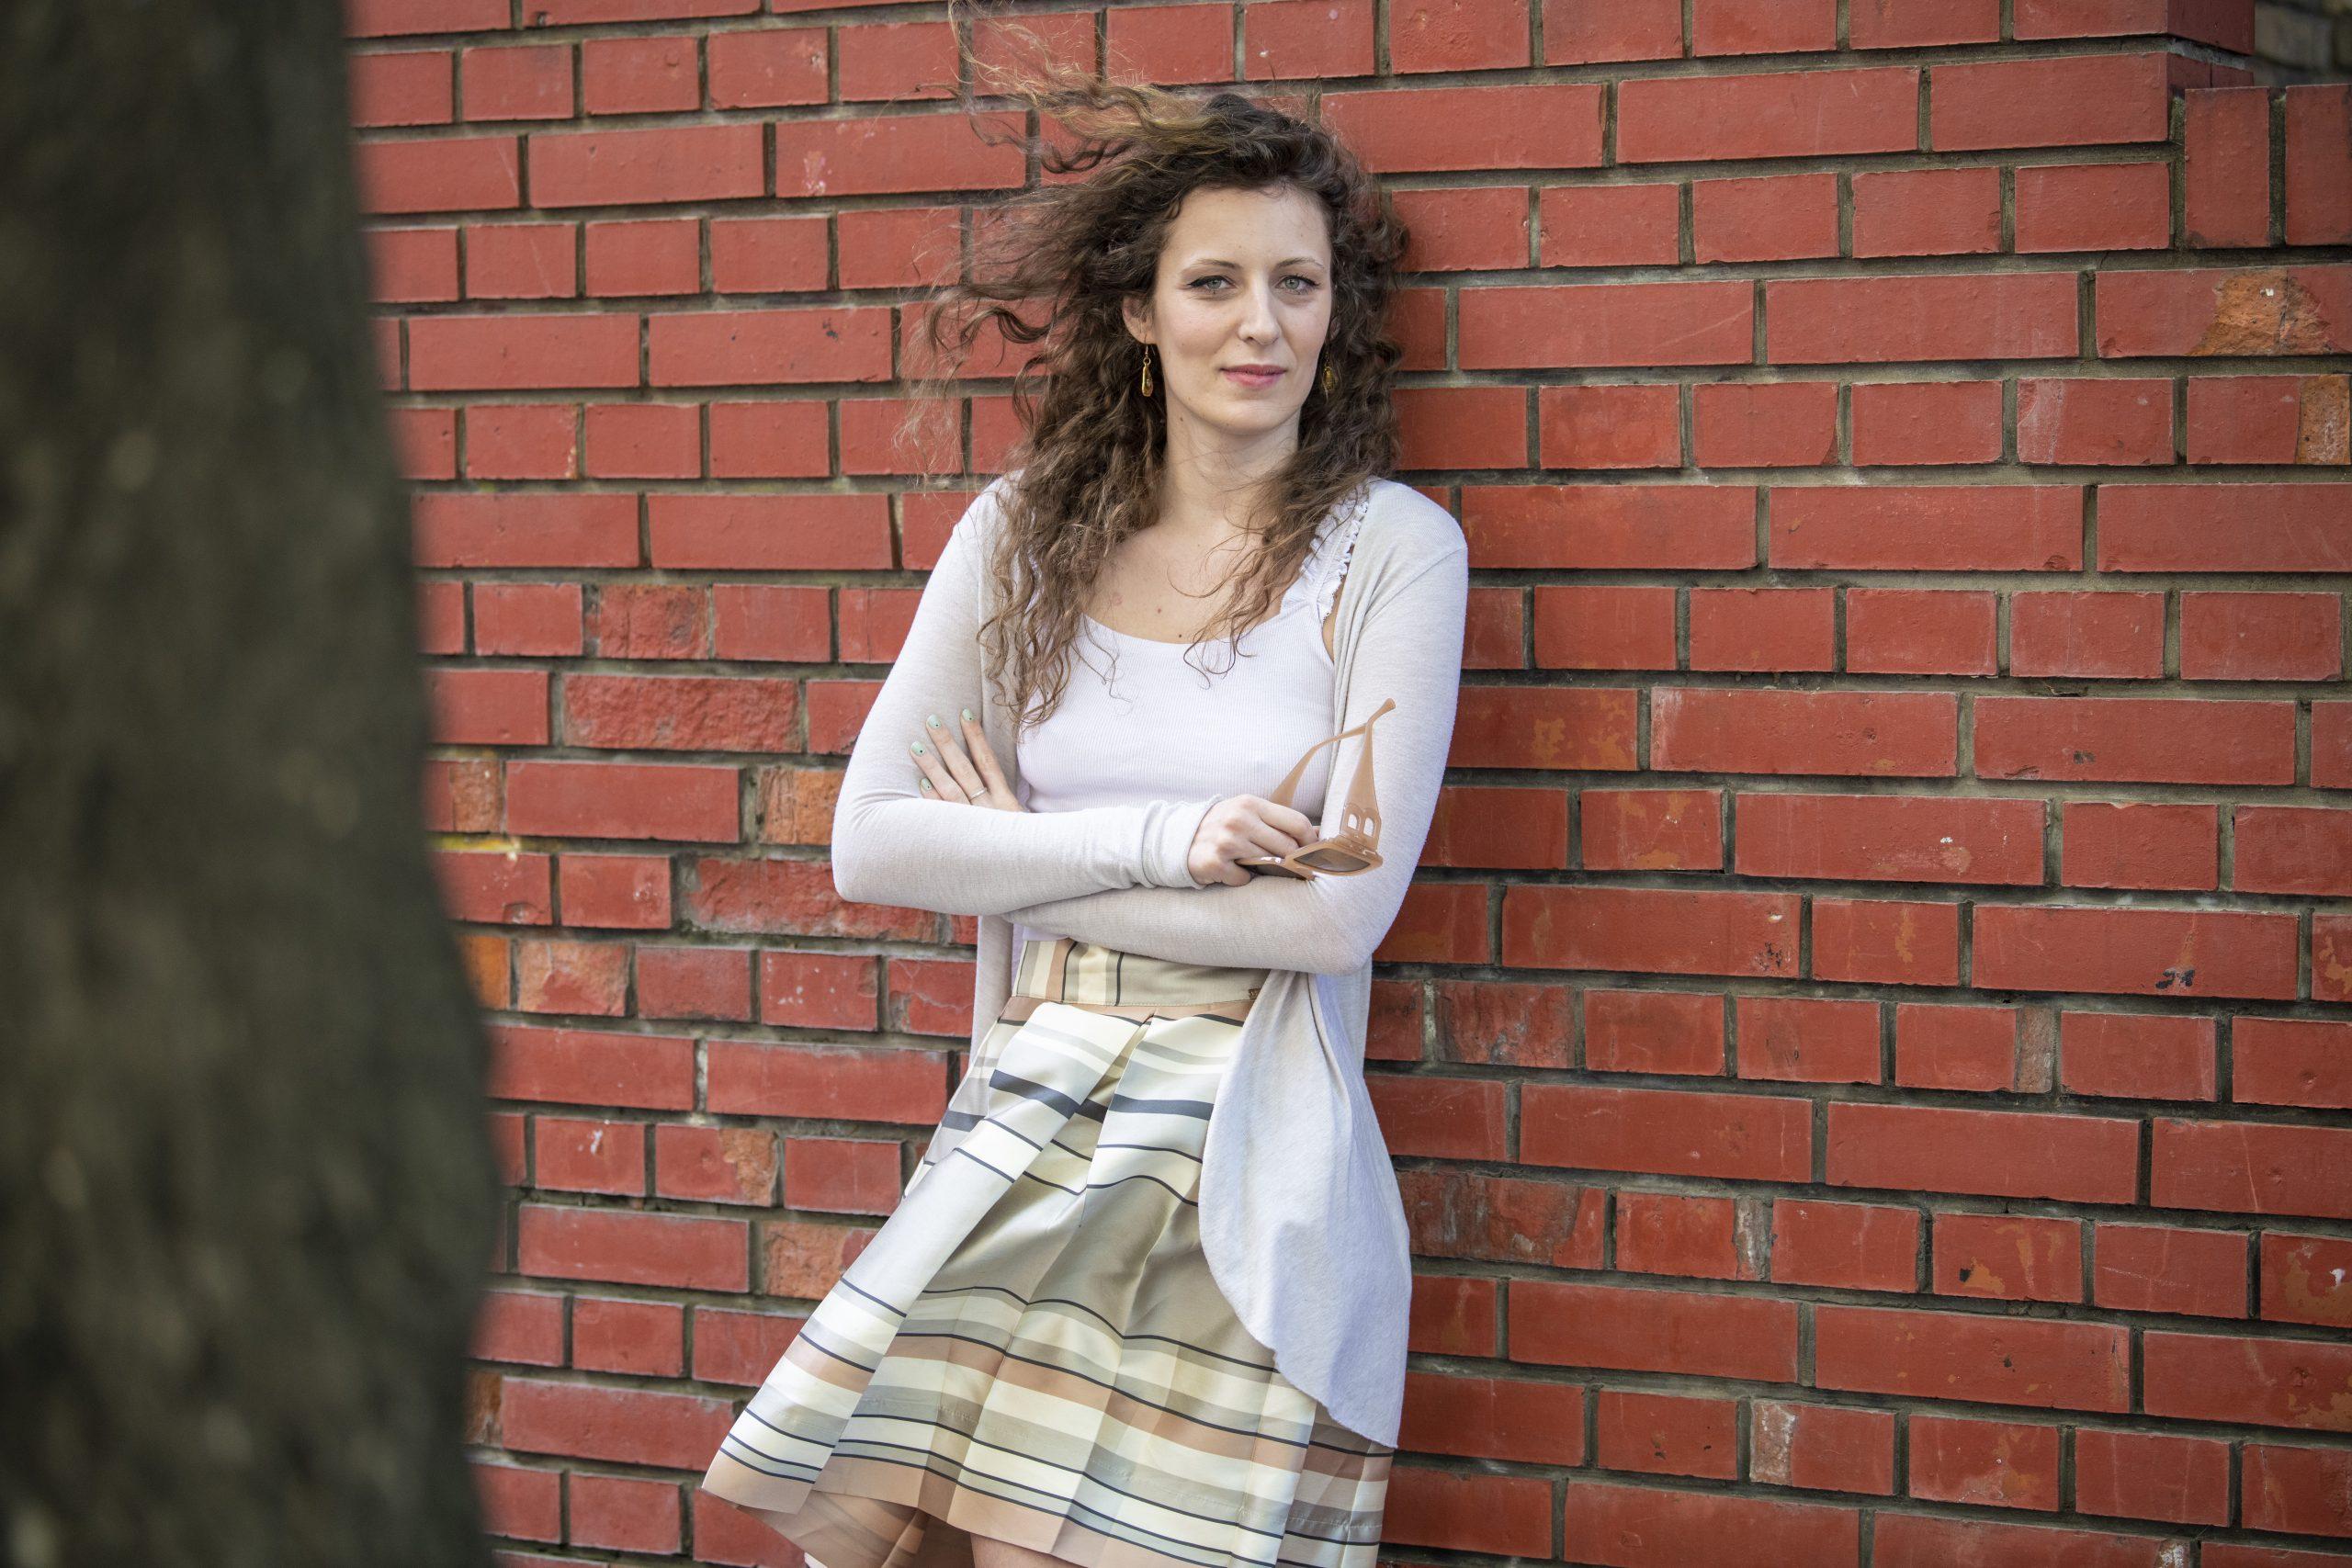 Ana Marija Grbic